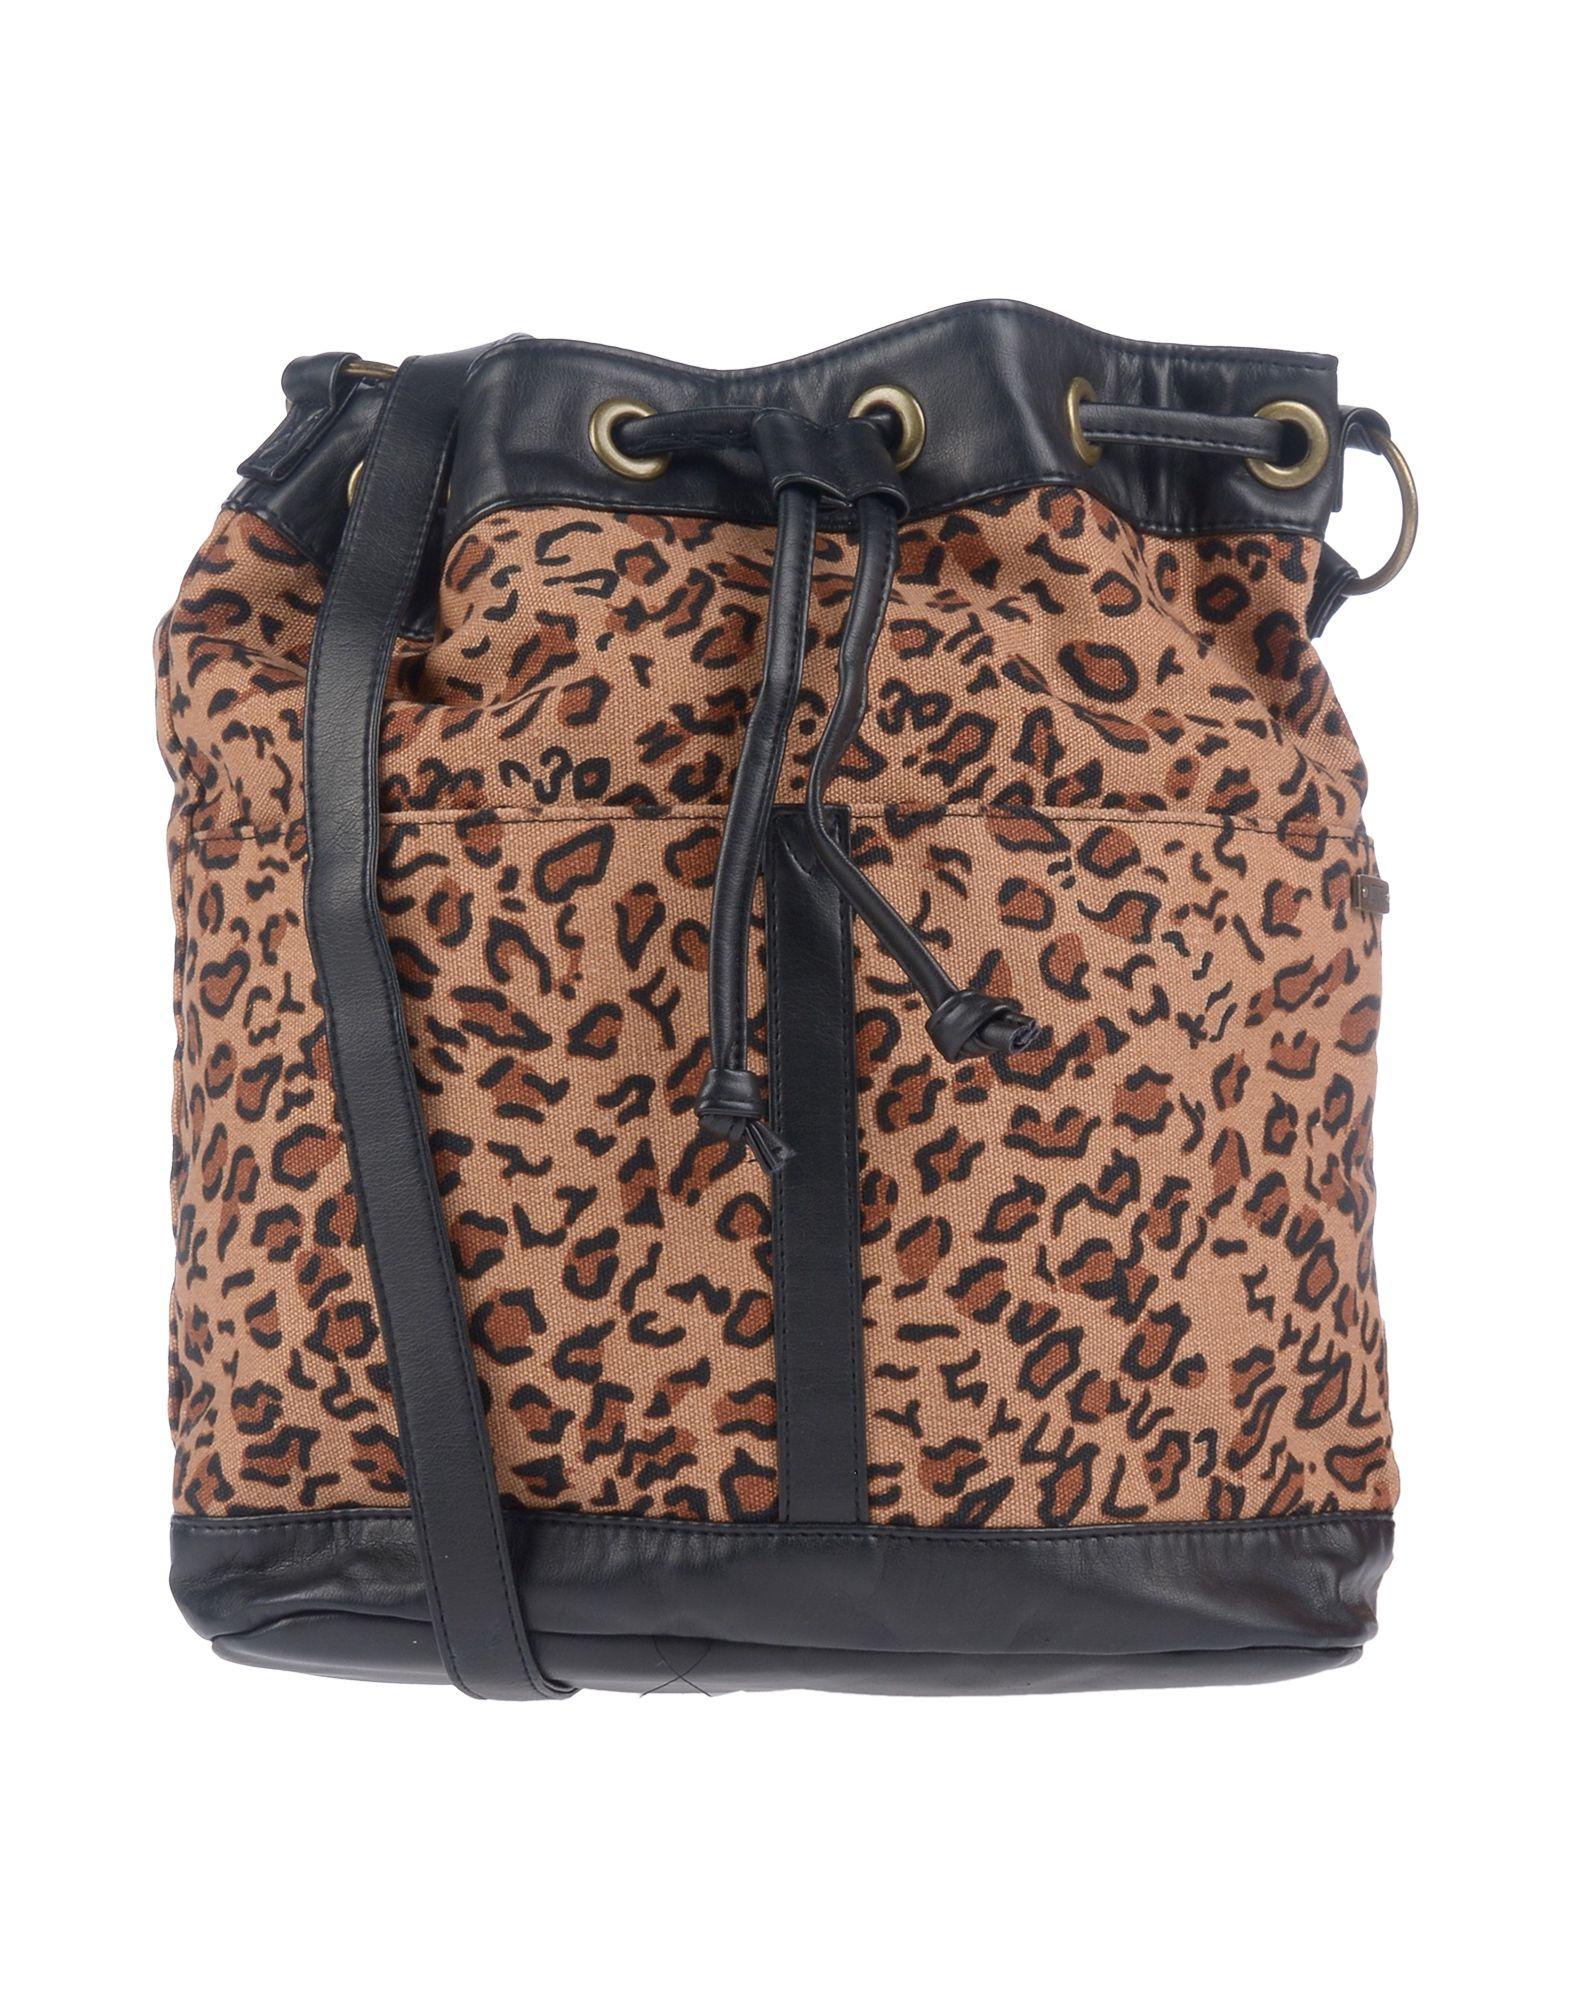 VANS Сумка на плечо aliwilliam® 2015 новый женский мини цепь плечо сумка дизайнер сумки crossbody сумка для женщин малый messenger мешок 5 цветов